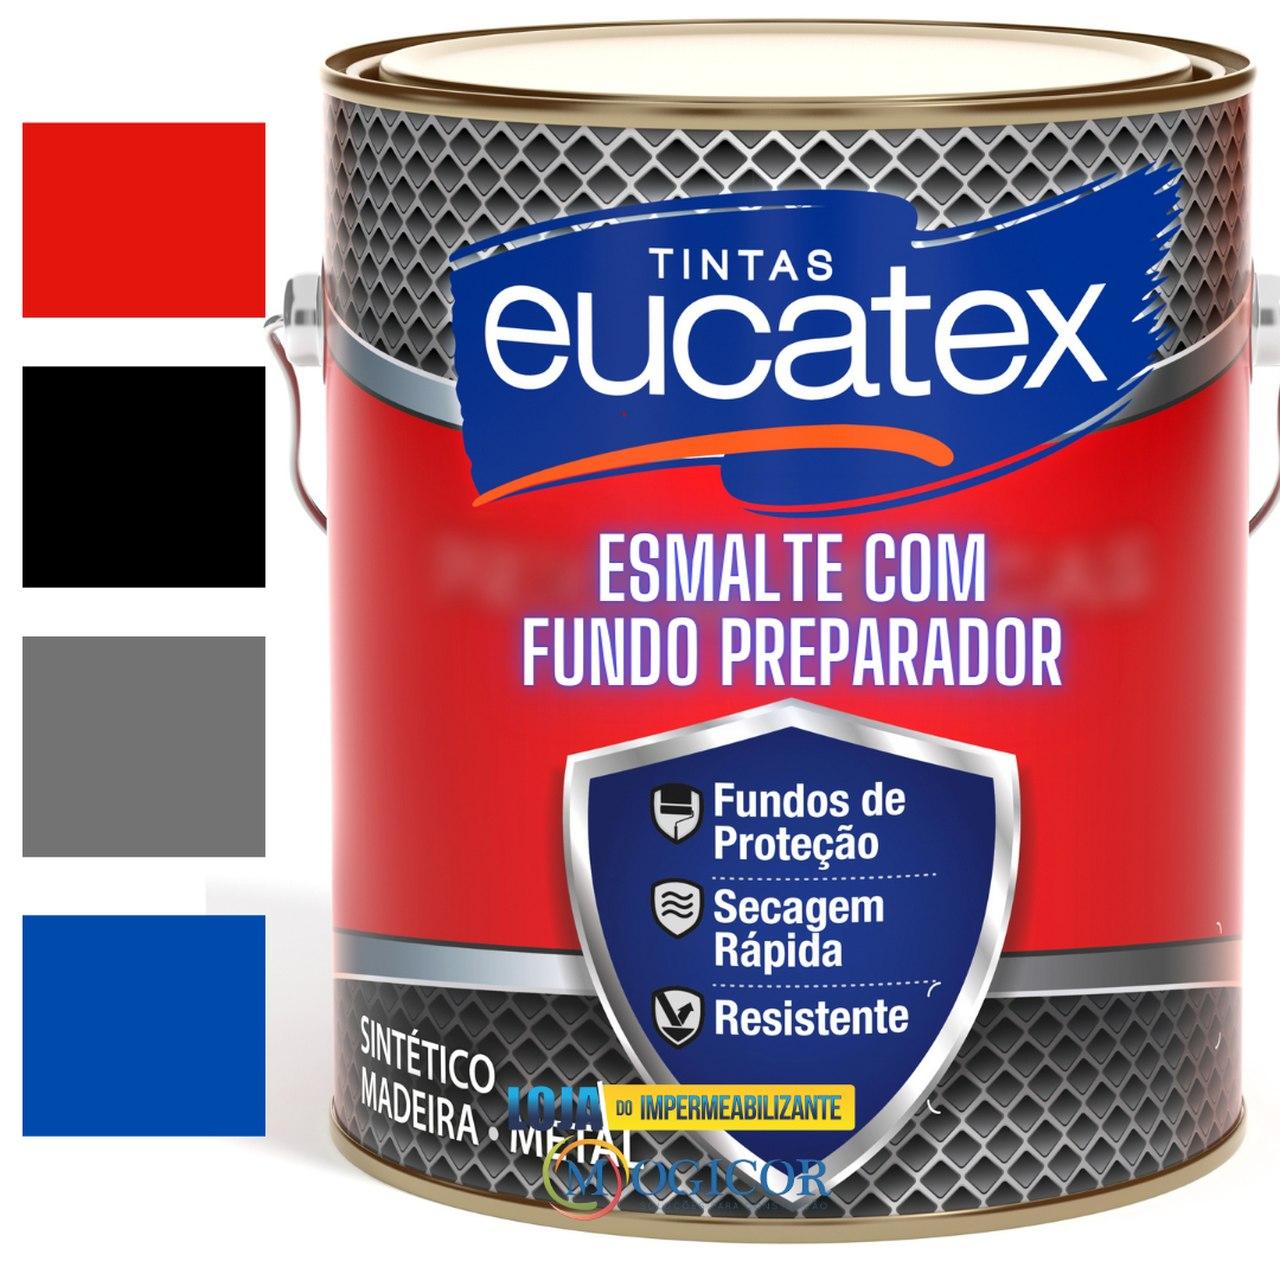 Tinta Esmalte Eucafer 3,6l com Fundo Preparador Galvanizado p/ Madeiras & Metais - Eucatex